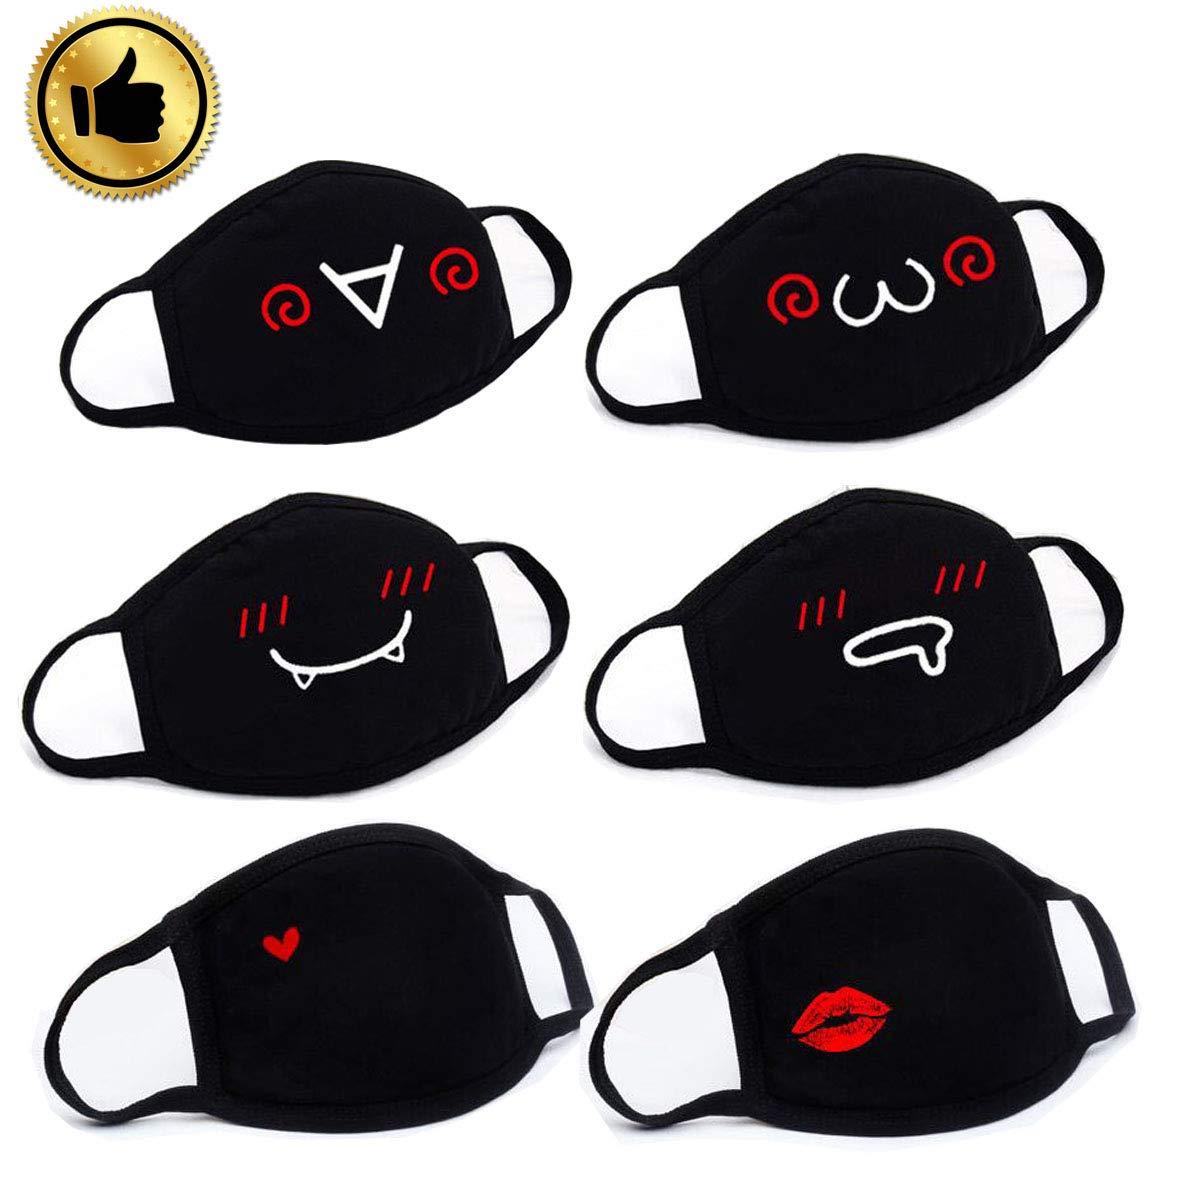 6 Paquets Masque Bouche Coton, Anti-Poussiè re Masque,Bicyclette Masque, Kawaii Chaud Masque, Face Mask Pour Unisexe Homme Femme (Noir) Anti-Poussière Masque Goosky